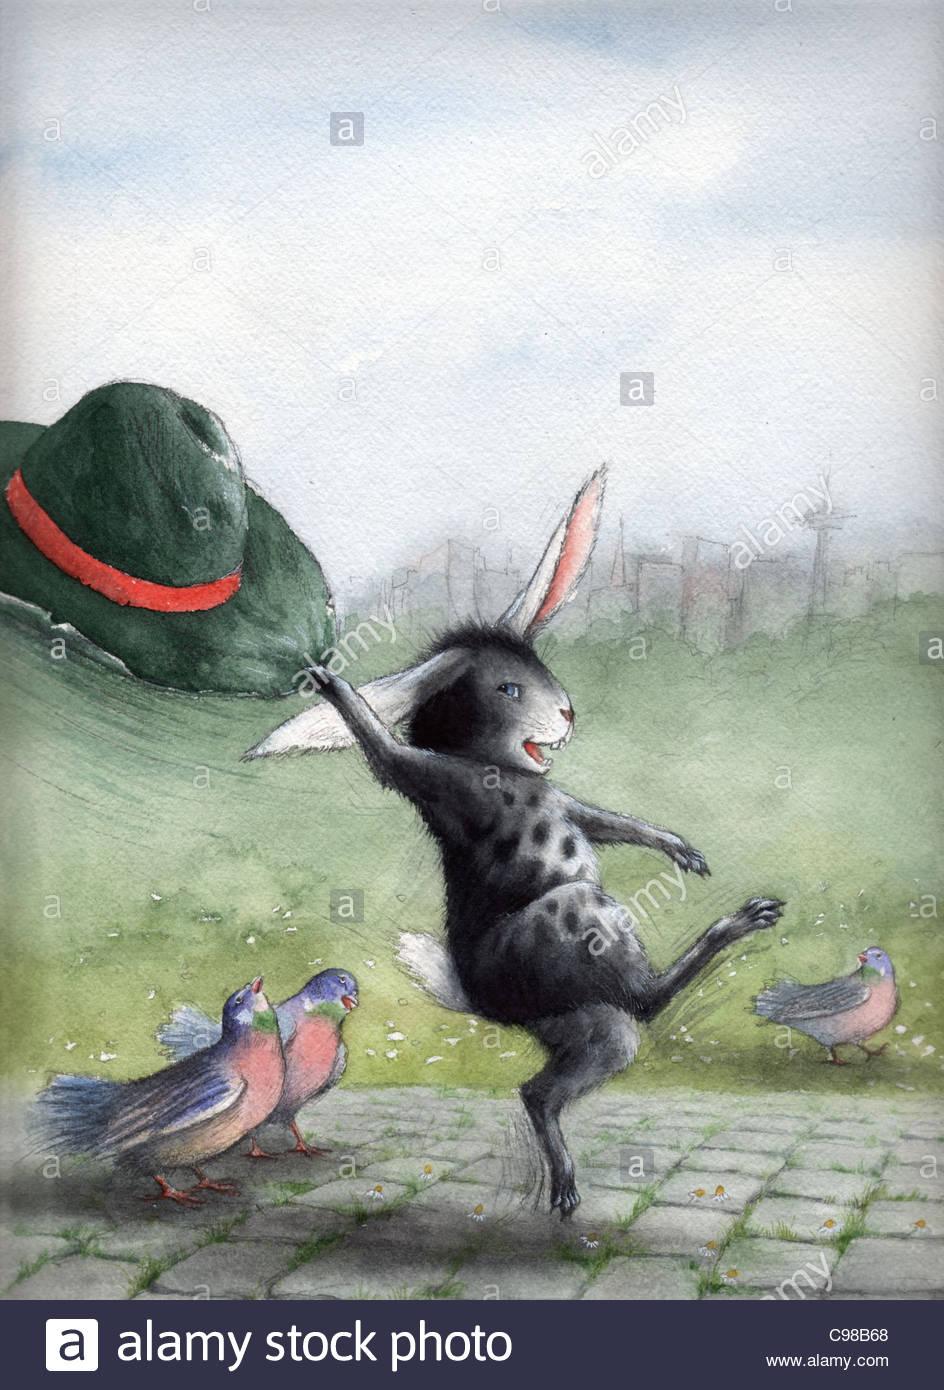 Coniglietto di pasqua con hat coniglietto di pasqua coniglietto di Pasqua Immagini Stock